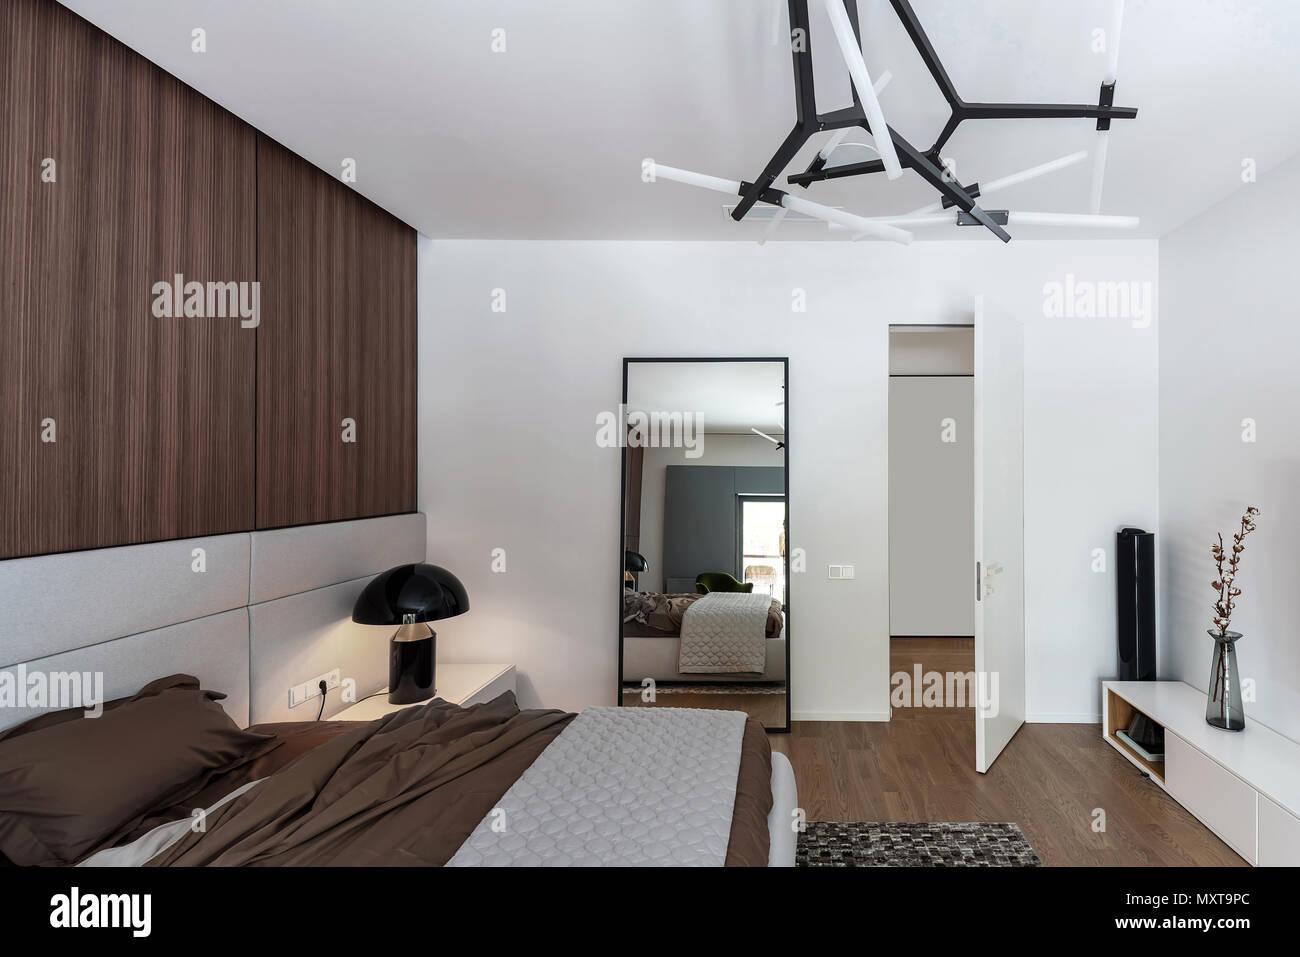 Welcher Fußboden Im Schlafzimmer ~ Schlafzimmer in einem modernen stil mit weißen wänden und einem